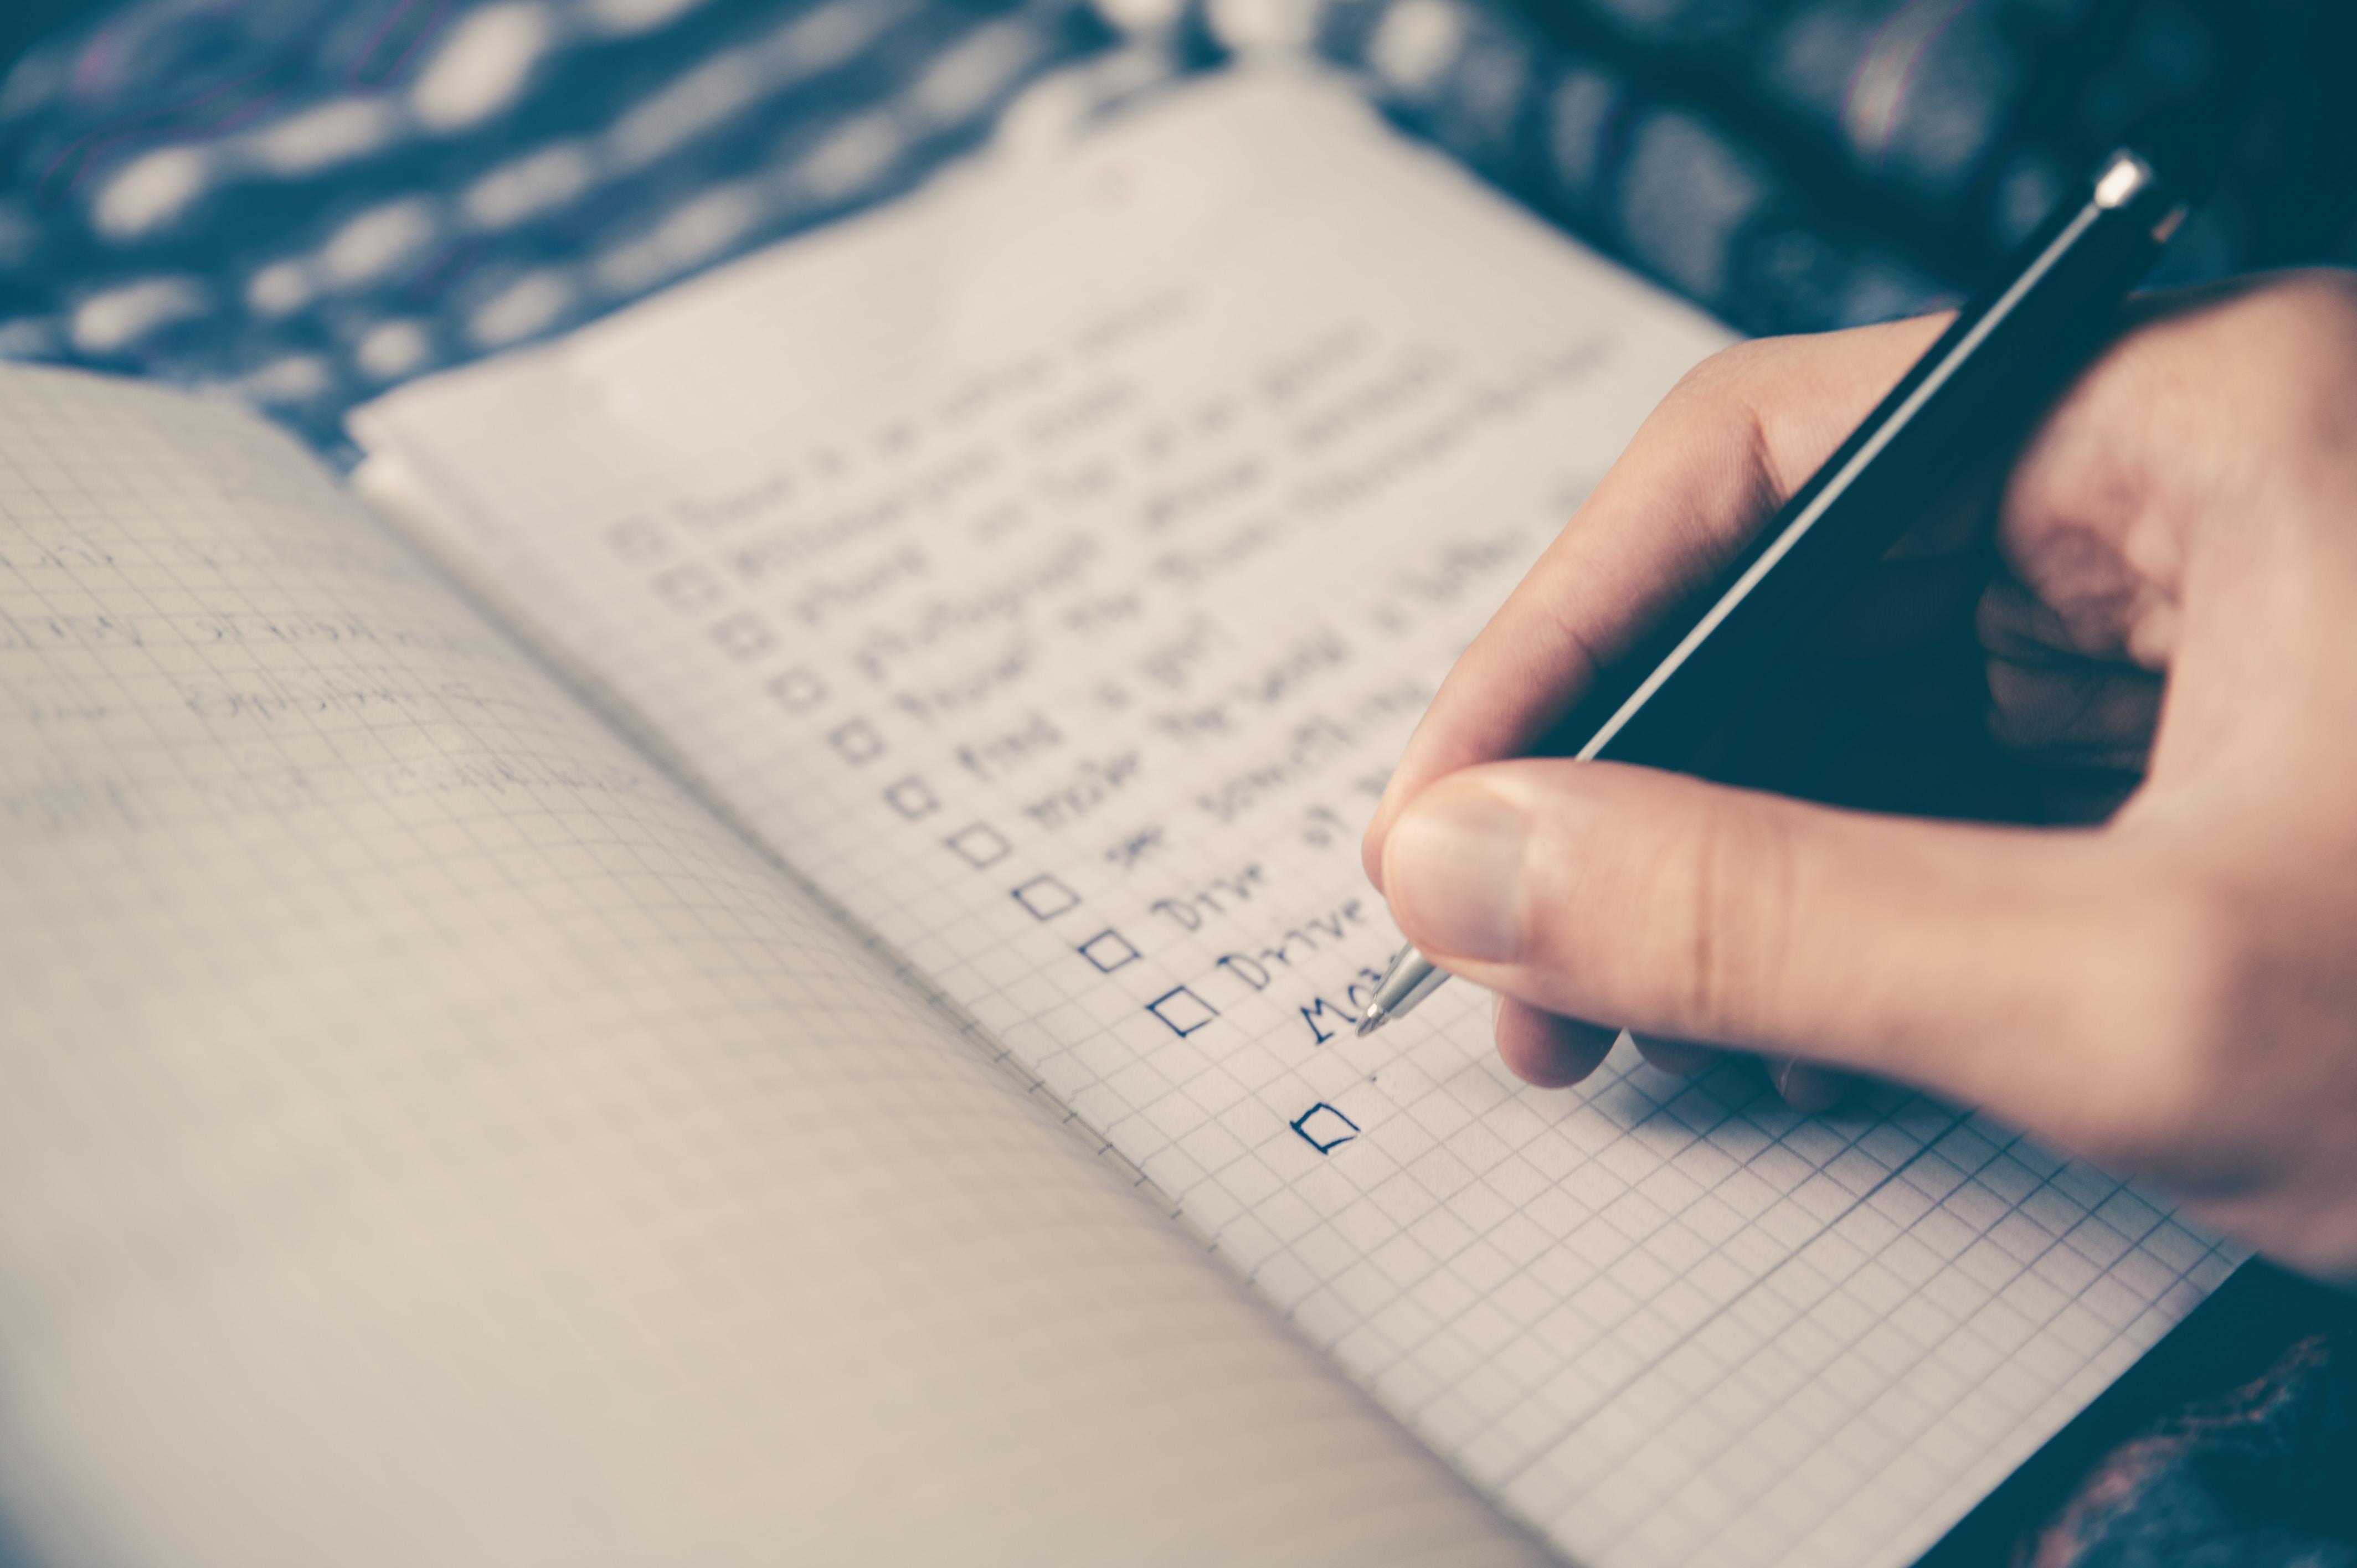 Checklist in Notebook - REALToDo CRM